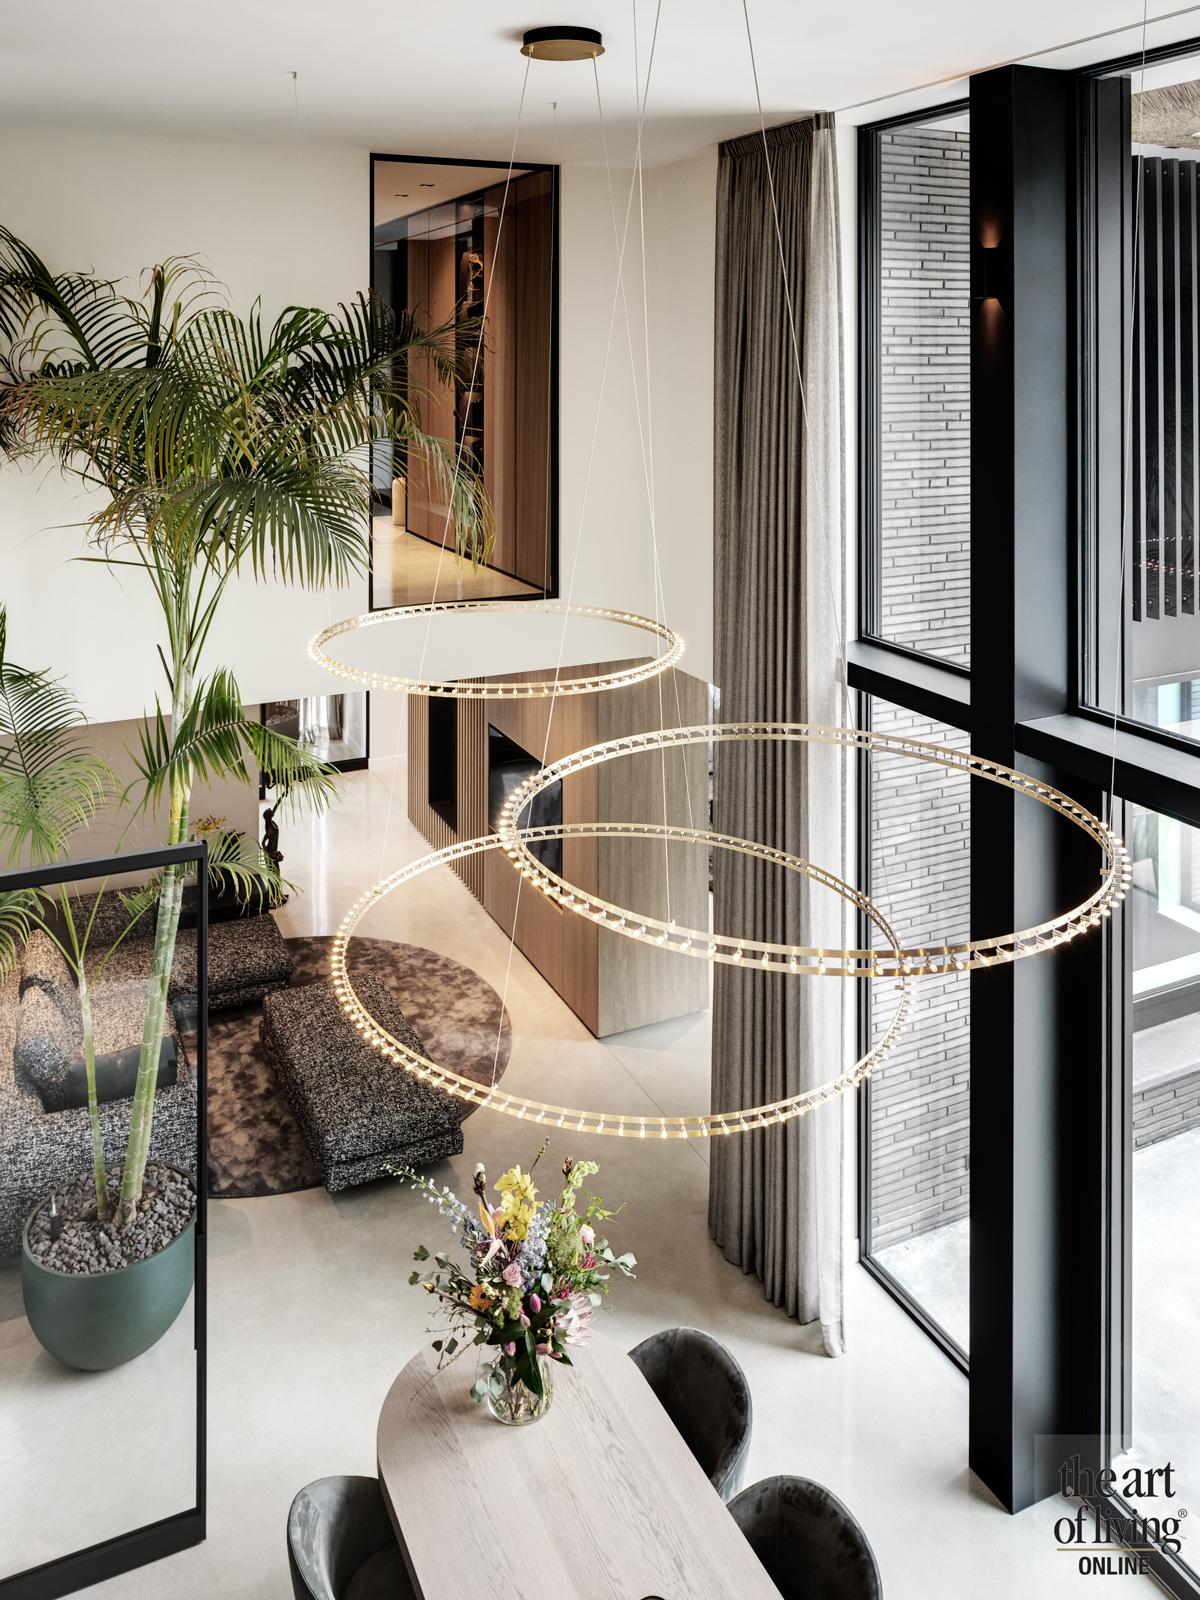 Villa met rieten dal   Habe bouwen in stijl & Marco van veldhuizen, the art of living